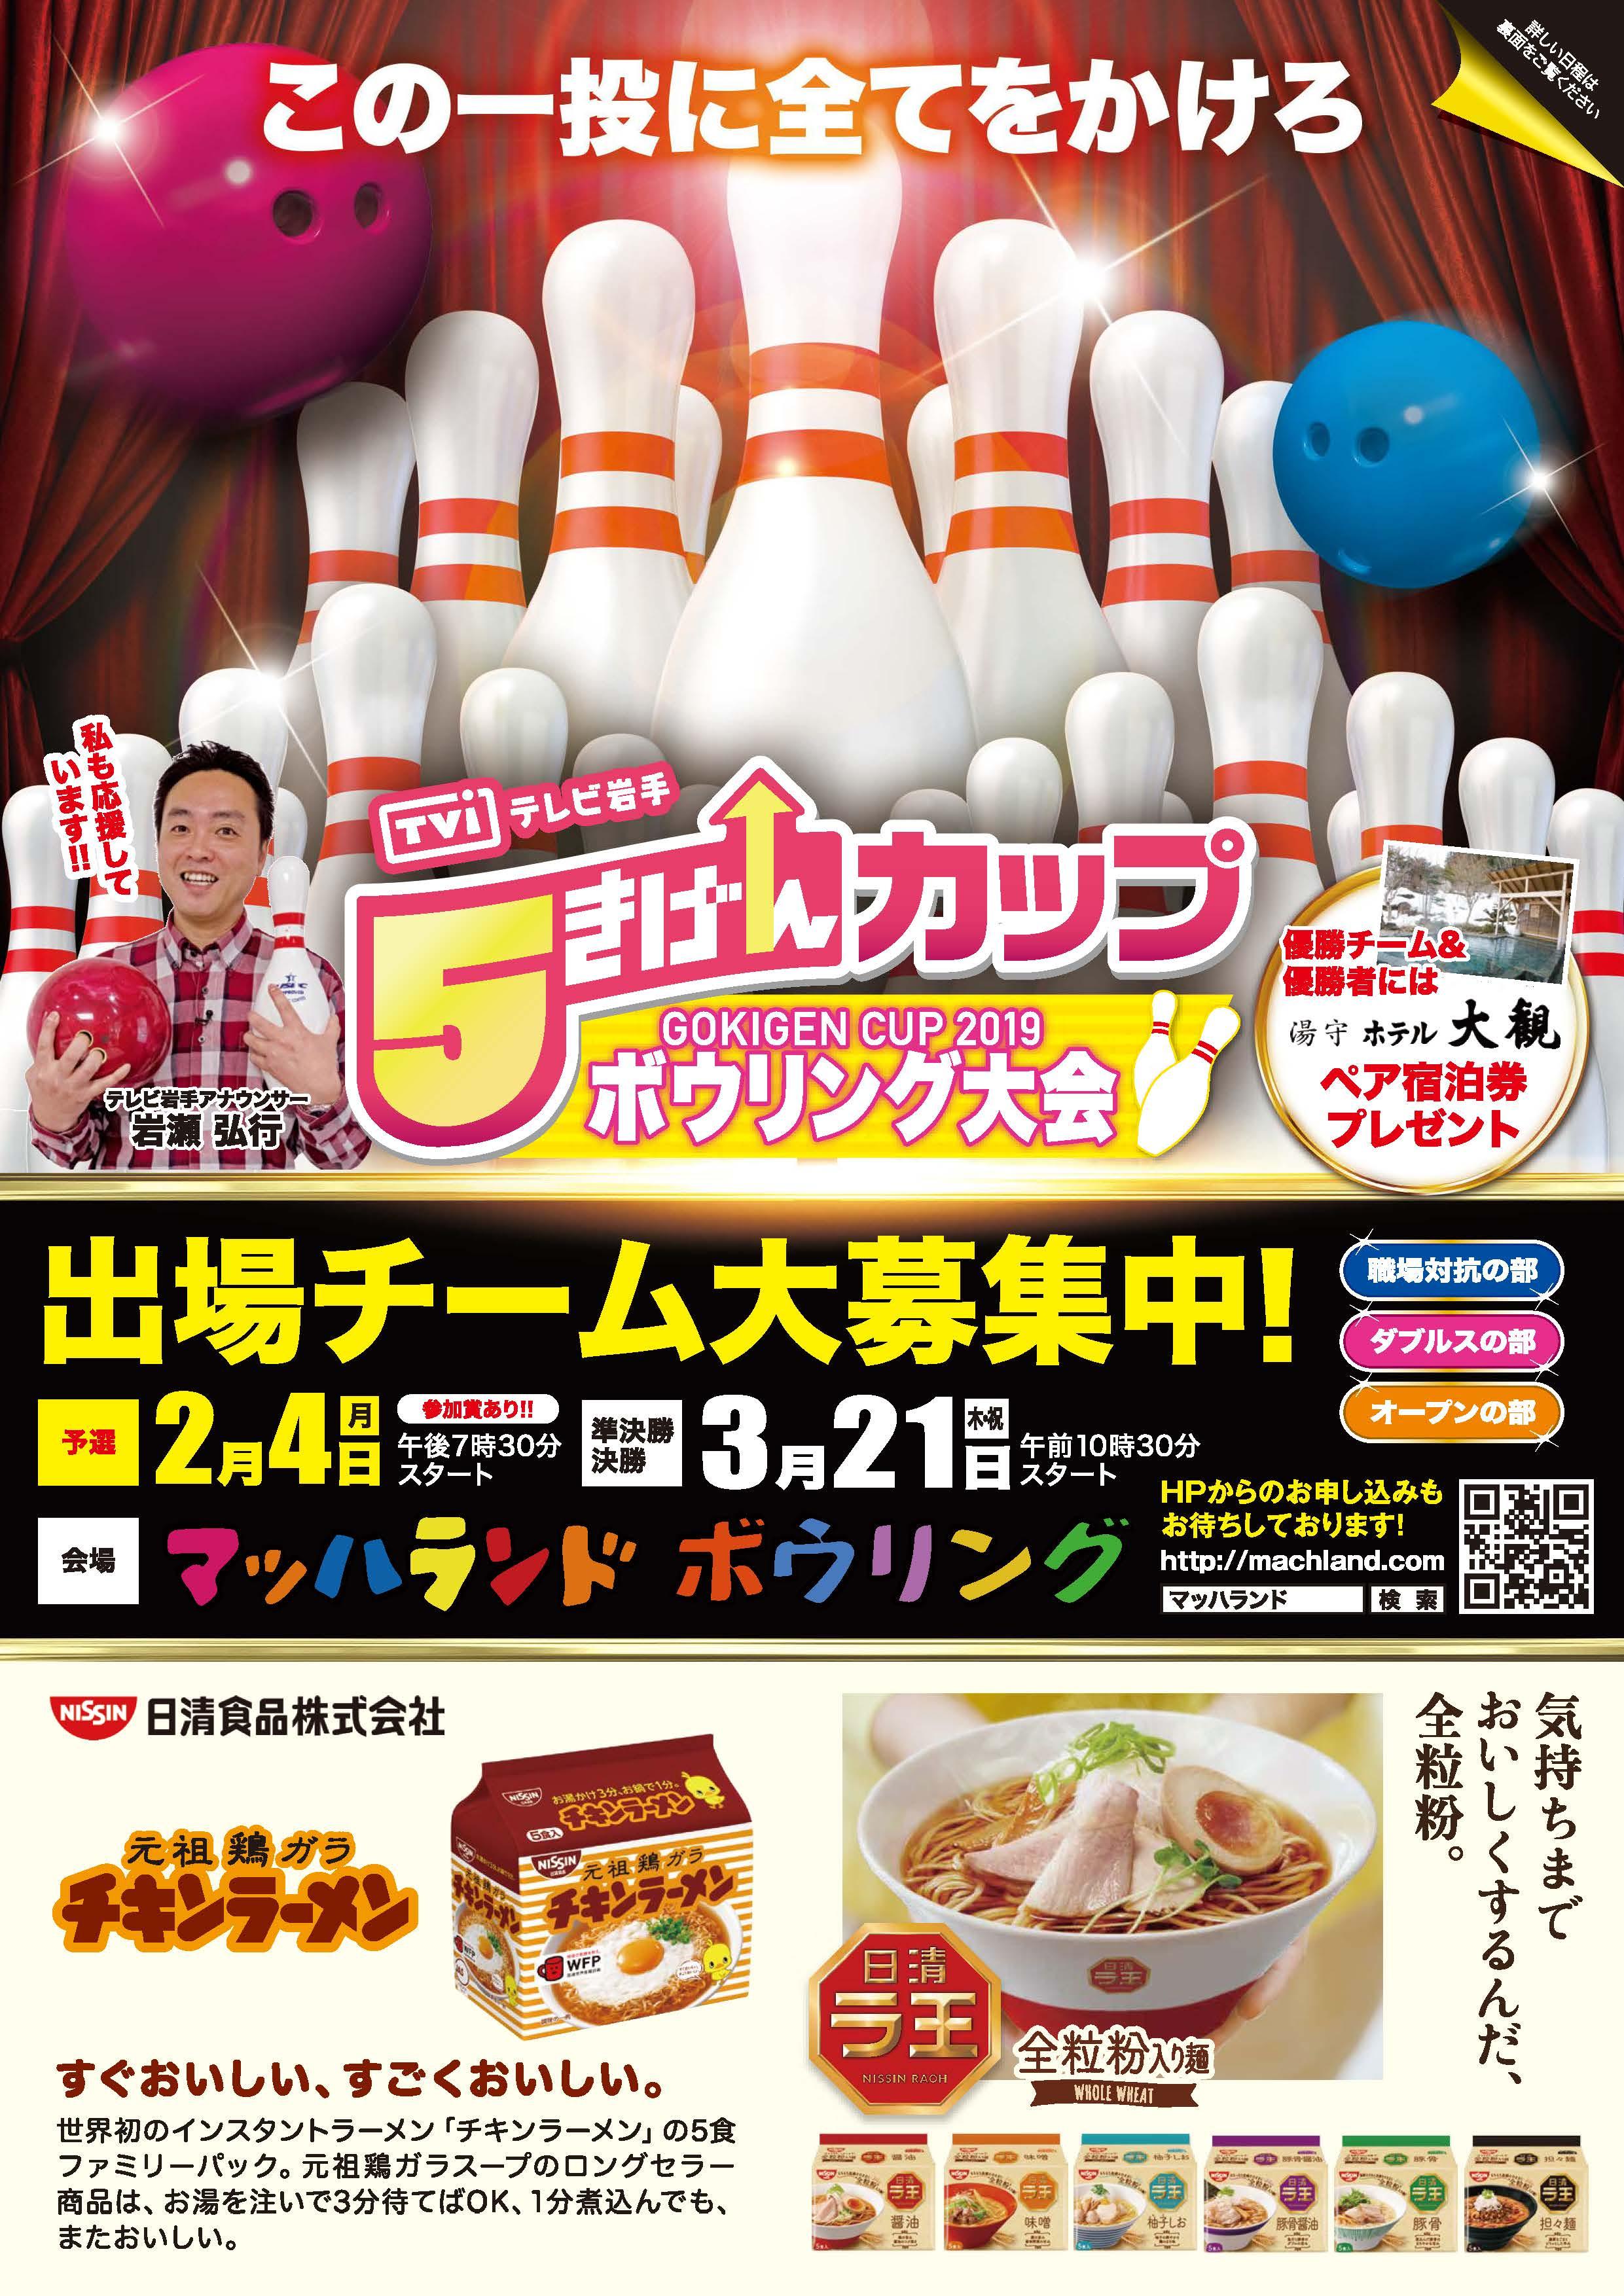 5きげんカップボウリング大会!